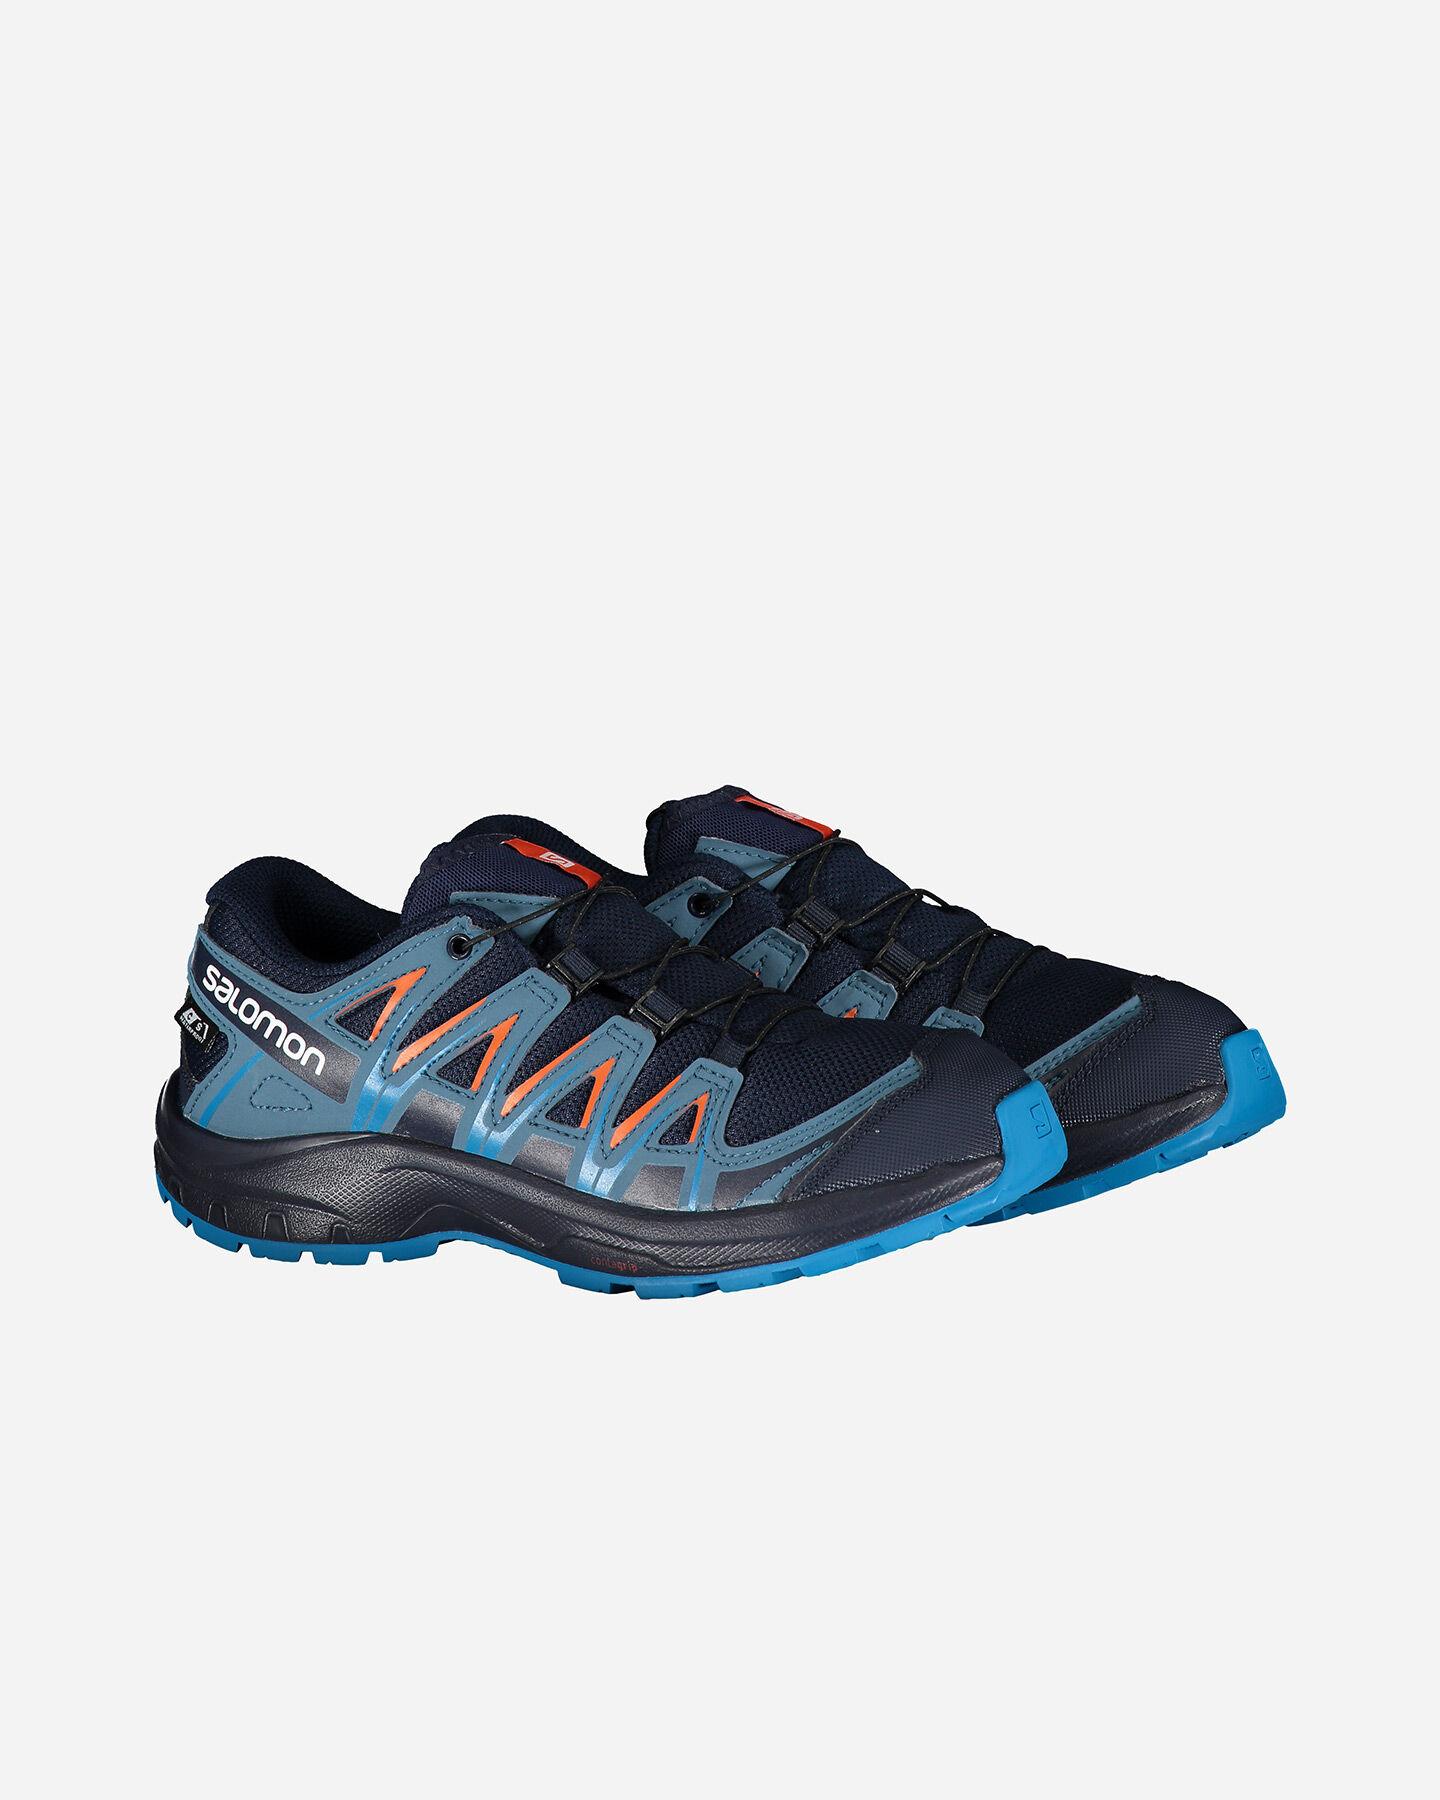 Scarpe trail SALOMON XA PRO 3D JR S4050781 scatto 1